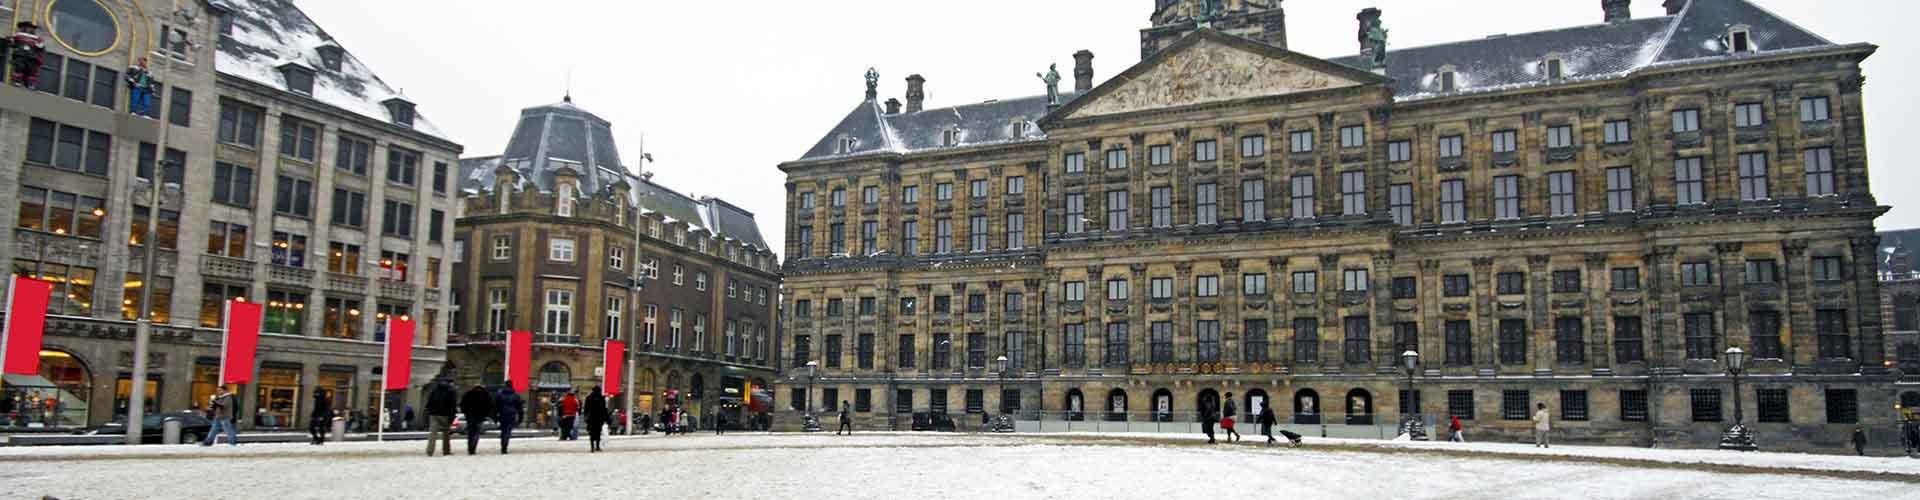 阿姆斯特丹 – 皇宫附近的公寓。阿姆斯特丹地图,阿姆斯特丹每间公寓的照片和评价。